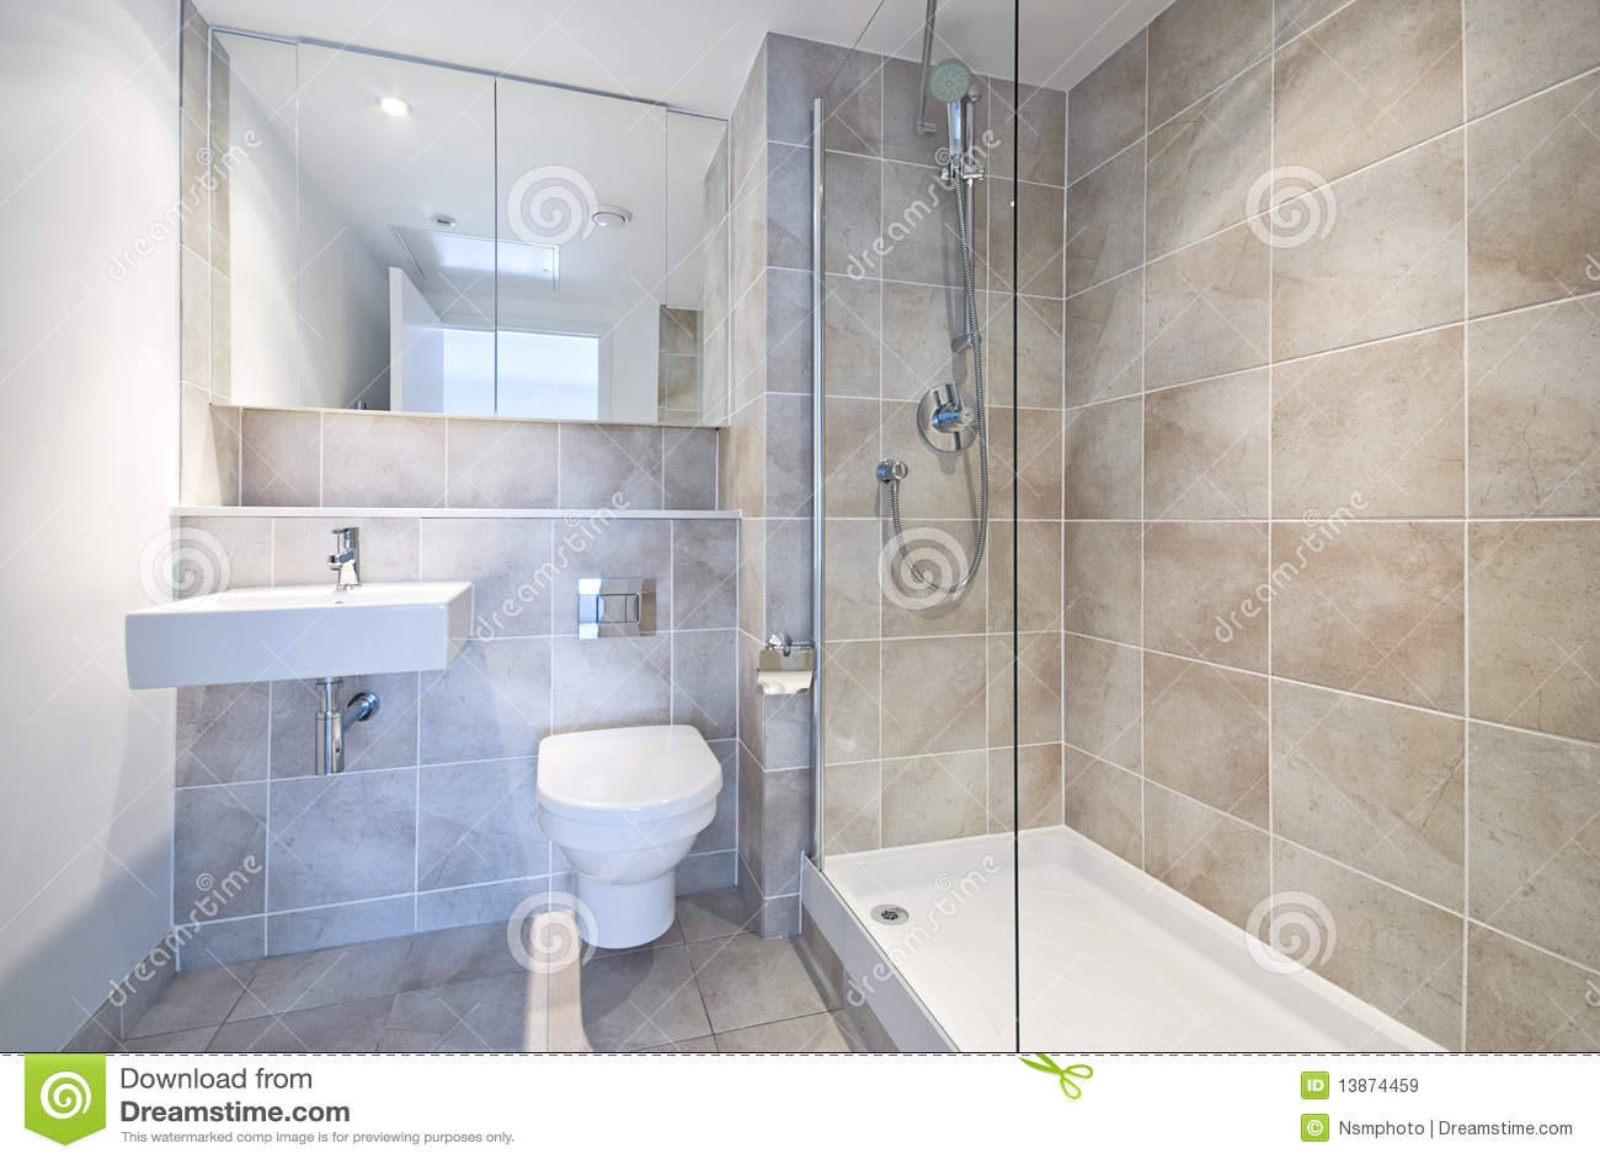 Cuartos de ba o con ducha modernos - Duchas modernas para banos ...